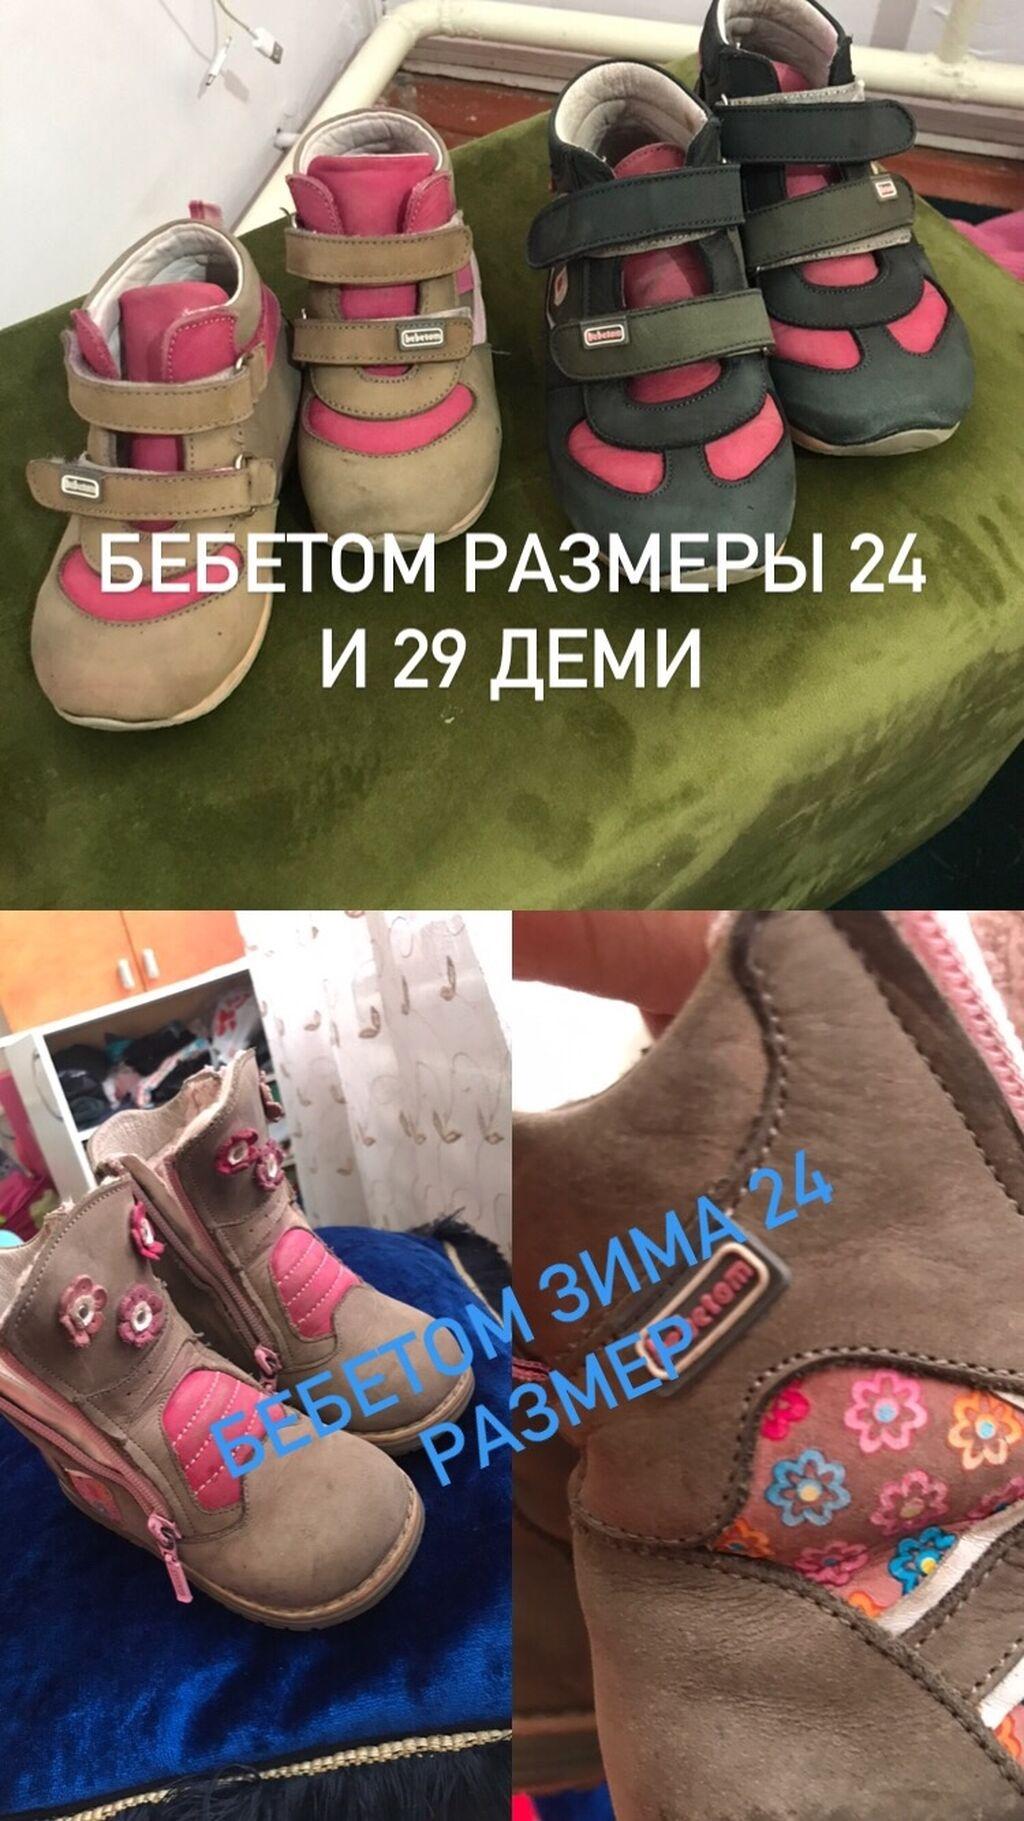 Деми ботинки бебетом ортопедические размеры 24 и 29цена за каждого: Деми ботинки бебетом ортопедические , размеры 24 и 29цена за каждого